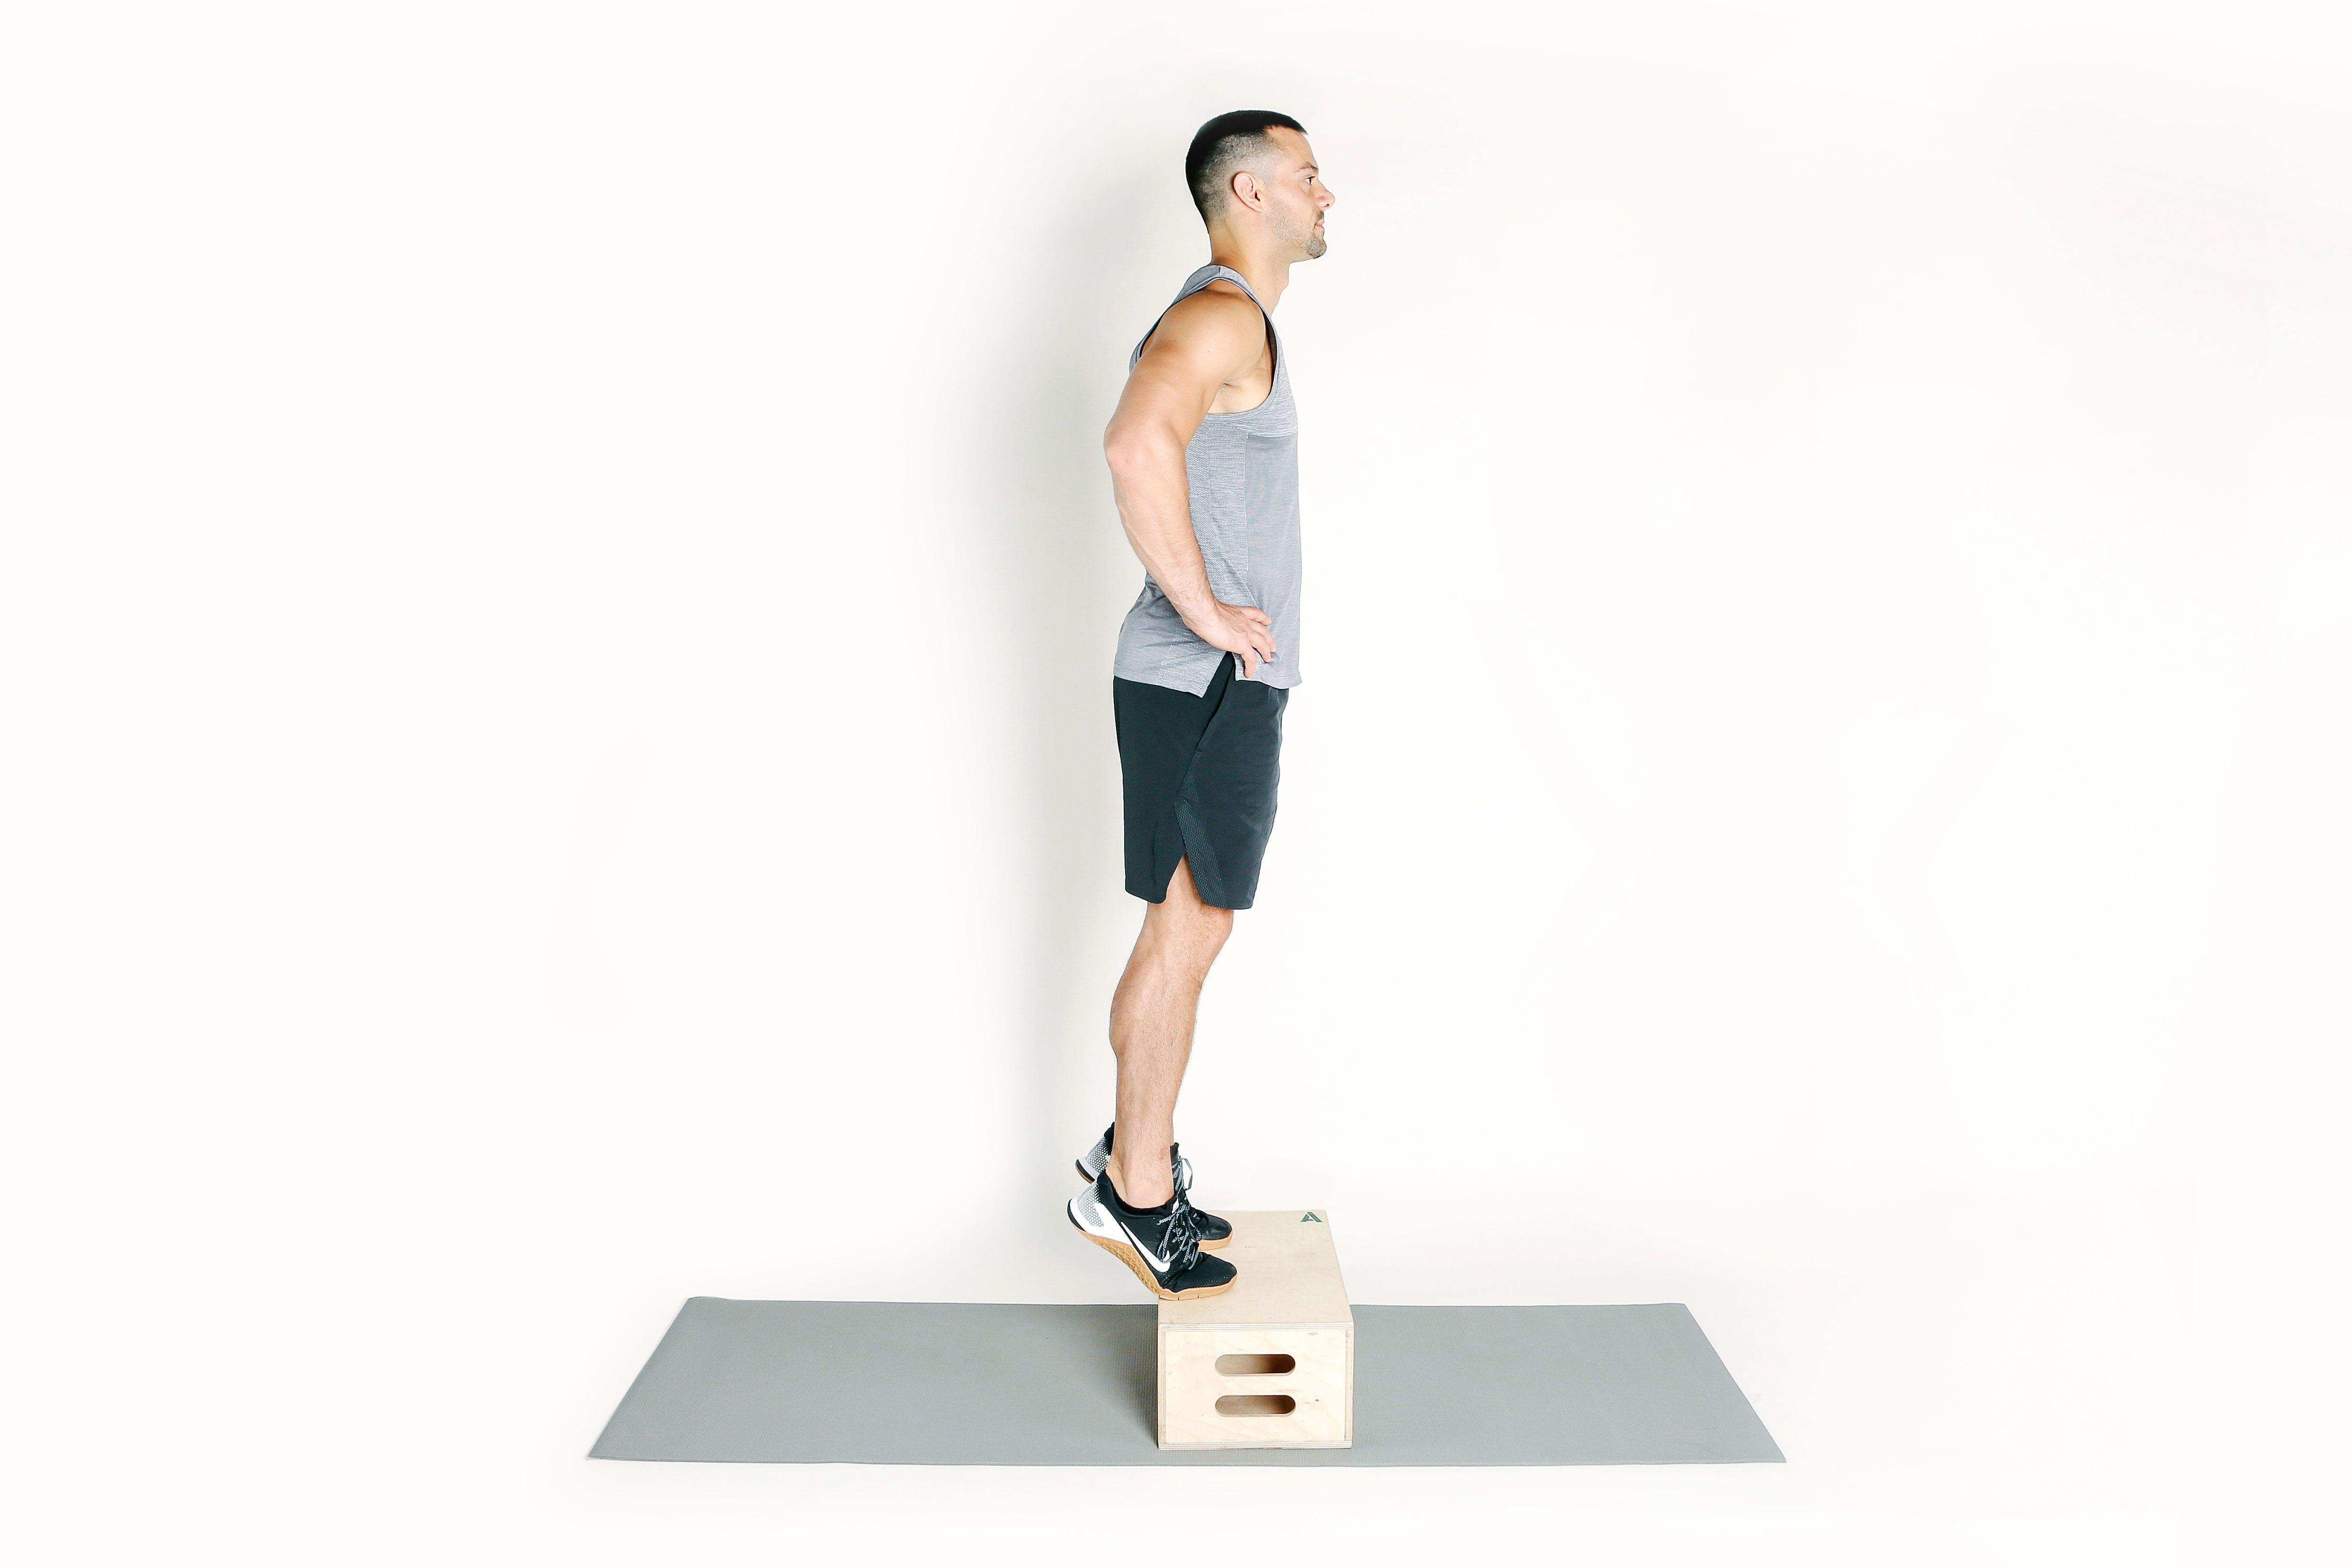 Best Leg Exercises - Leg Strengthening Exercises for Runners